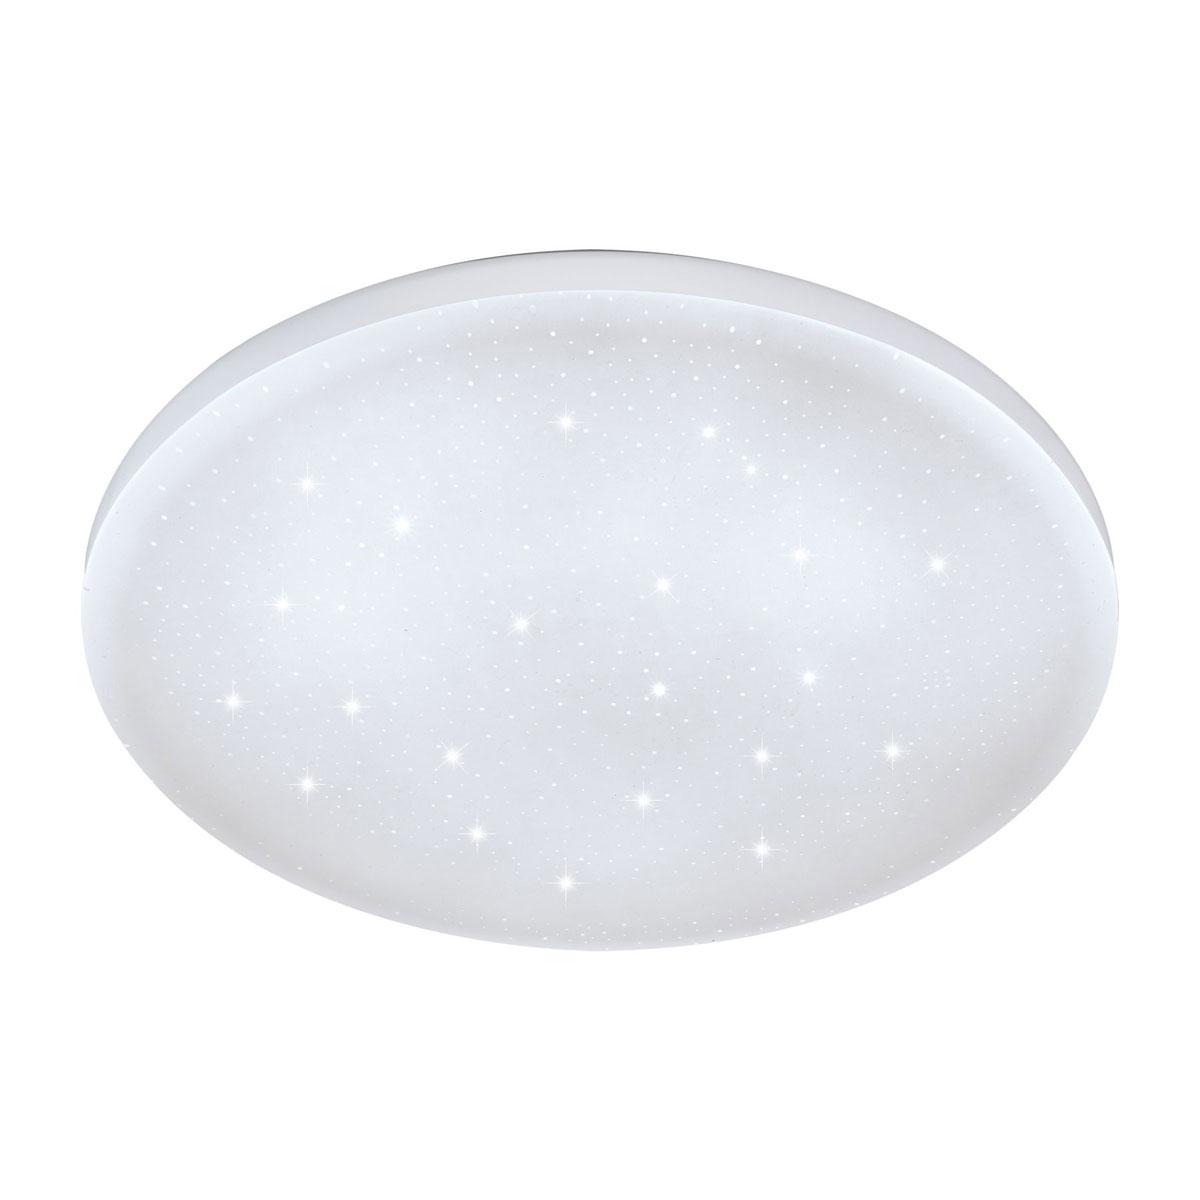 """Deckenleuchten - LED Deckenleuchte """"Frania S"""", Ø22cm, weiß Ø 22 cm cm  - Onlineshop Hellweg"""